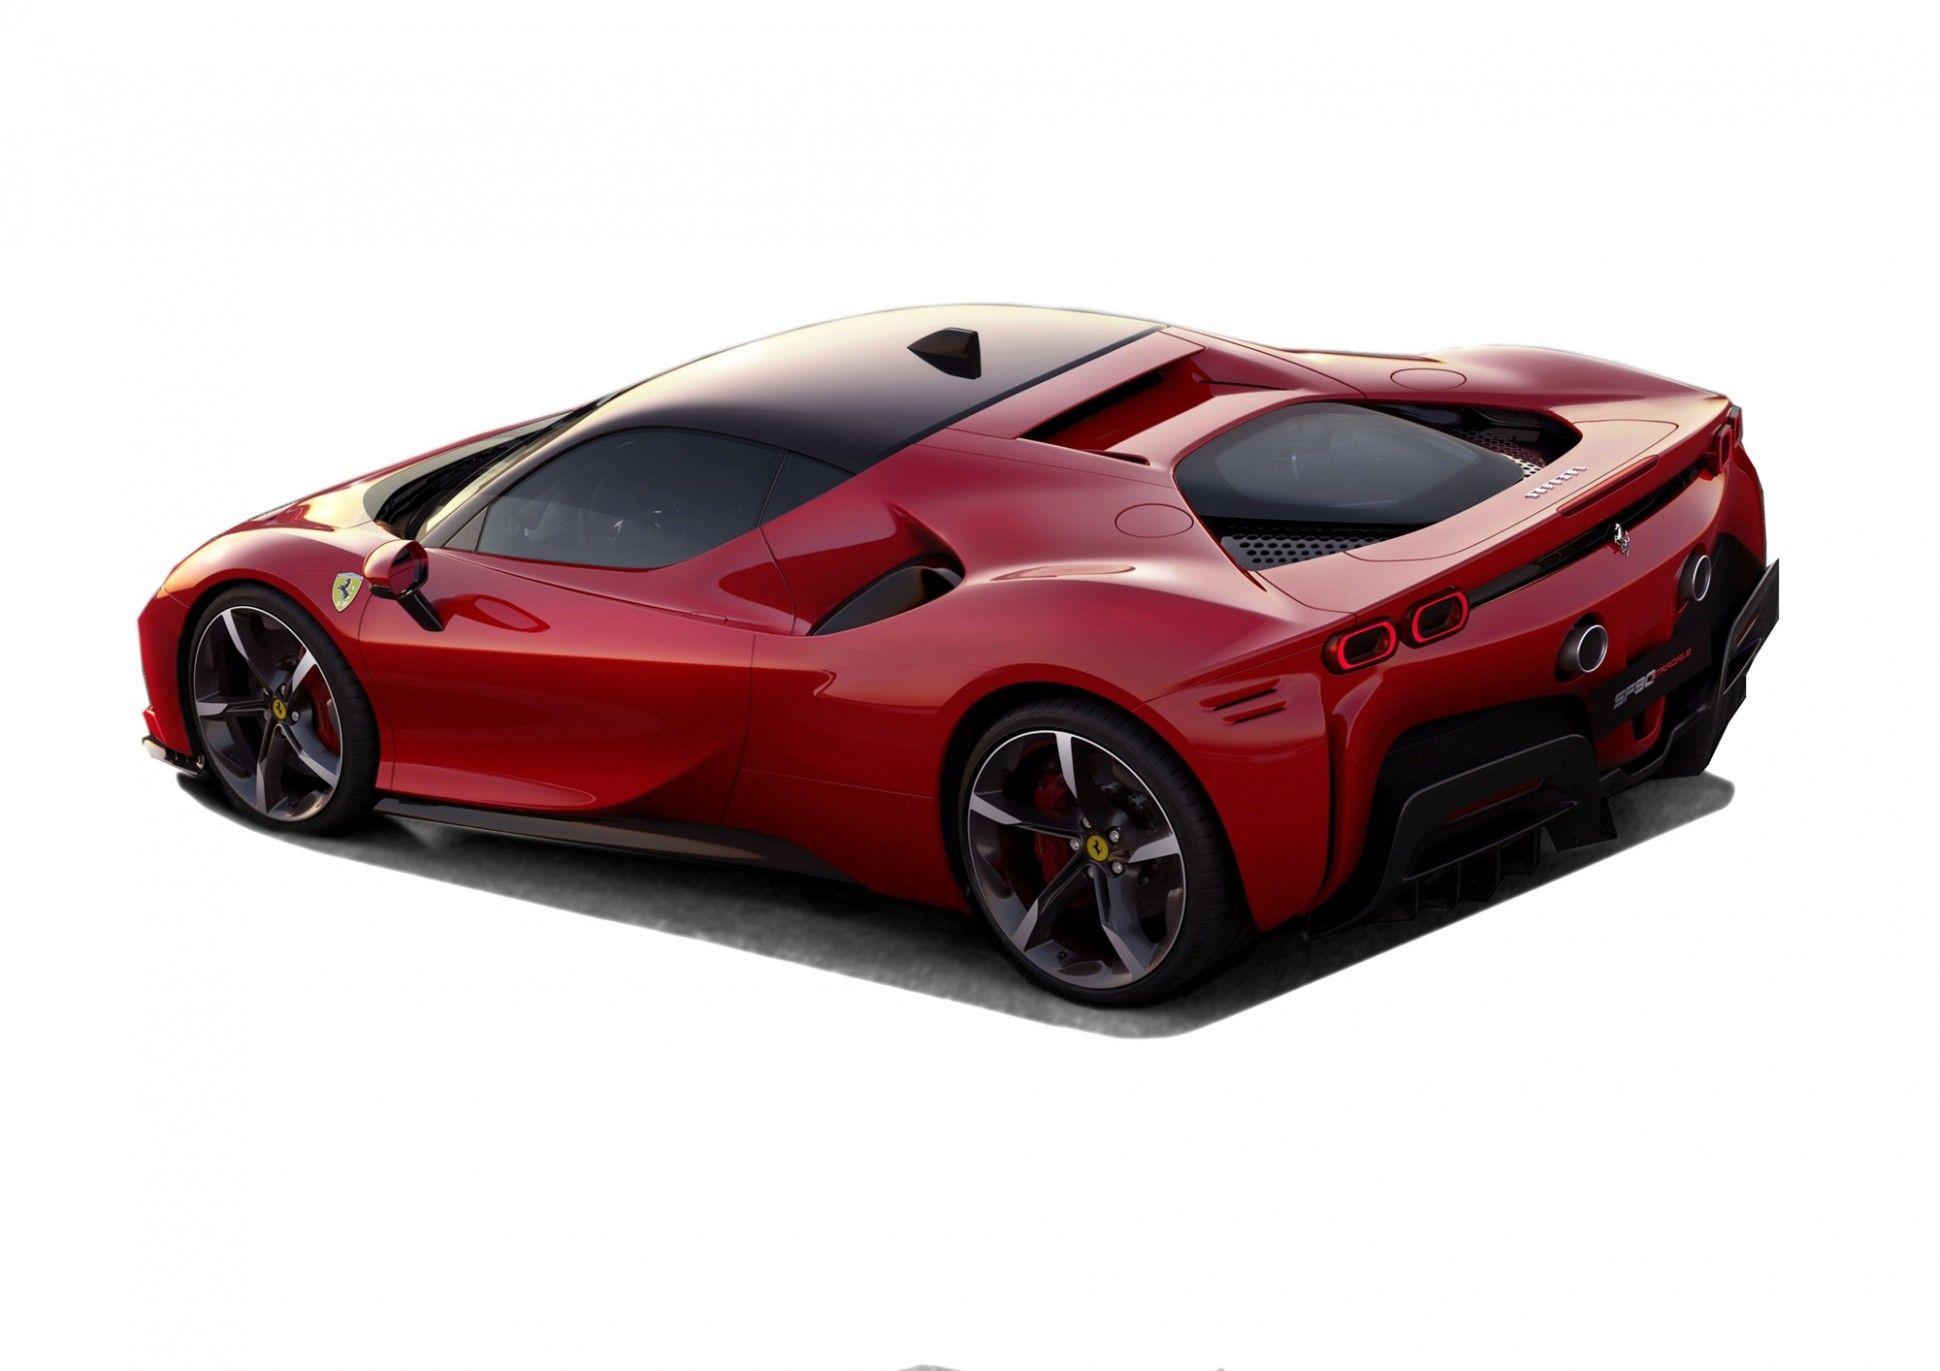 Ferrari Price In Pakistan 2020 Ferrari Price Ferrari Ferrari